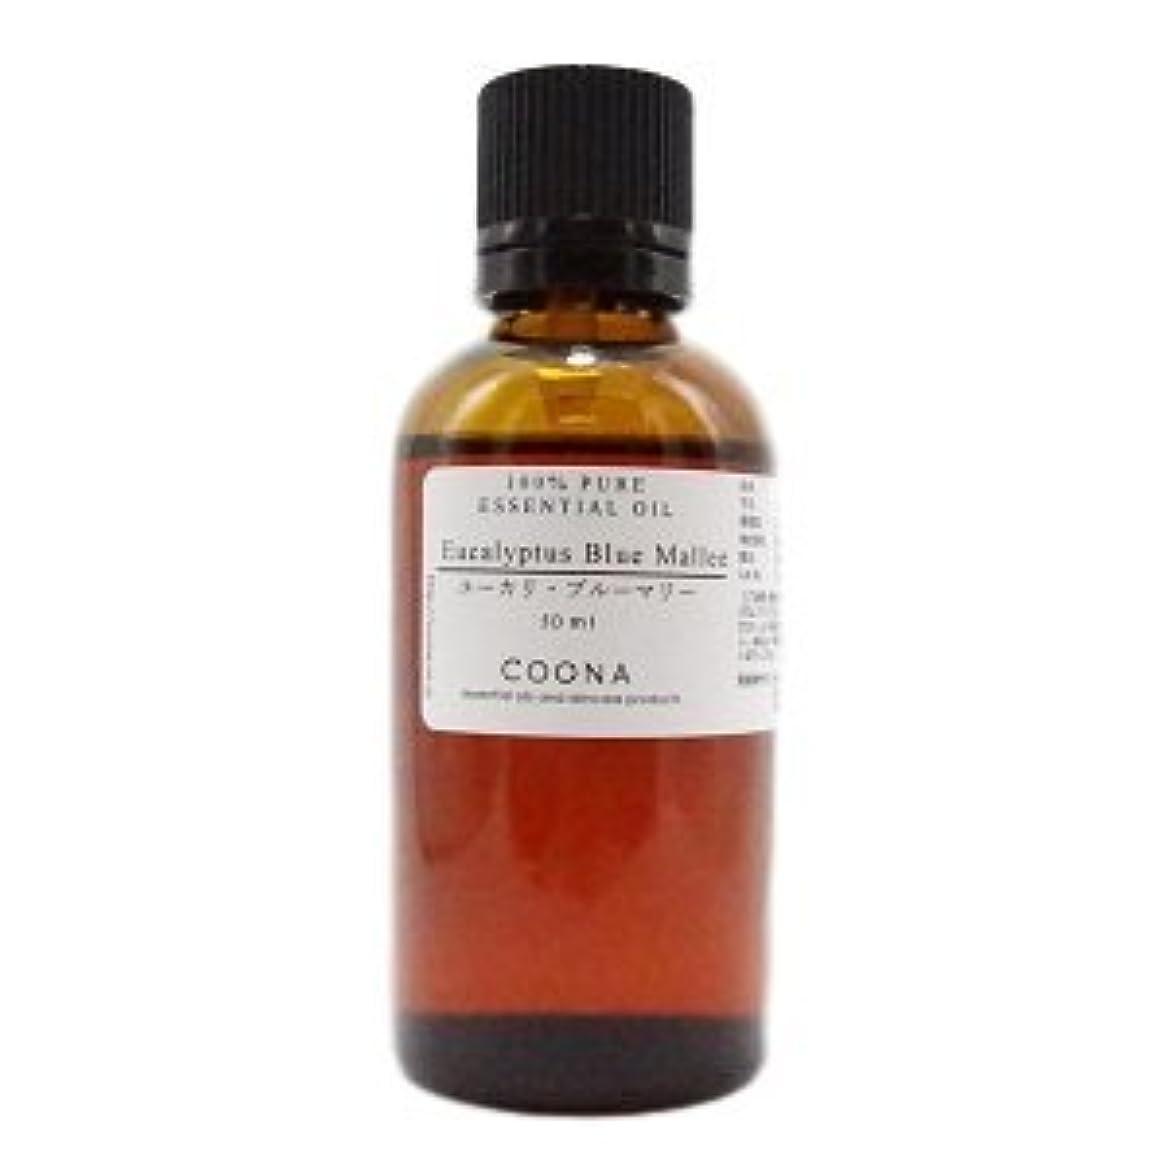 で出来ている時系列美容師ユーカリ ブルーマリー 50 ml (COONA エッセンシャルオイル アロマオイル 100% 天然植物精油)